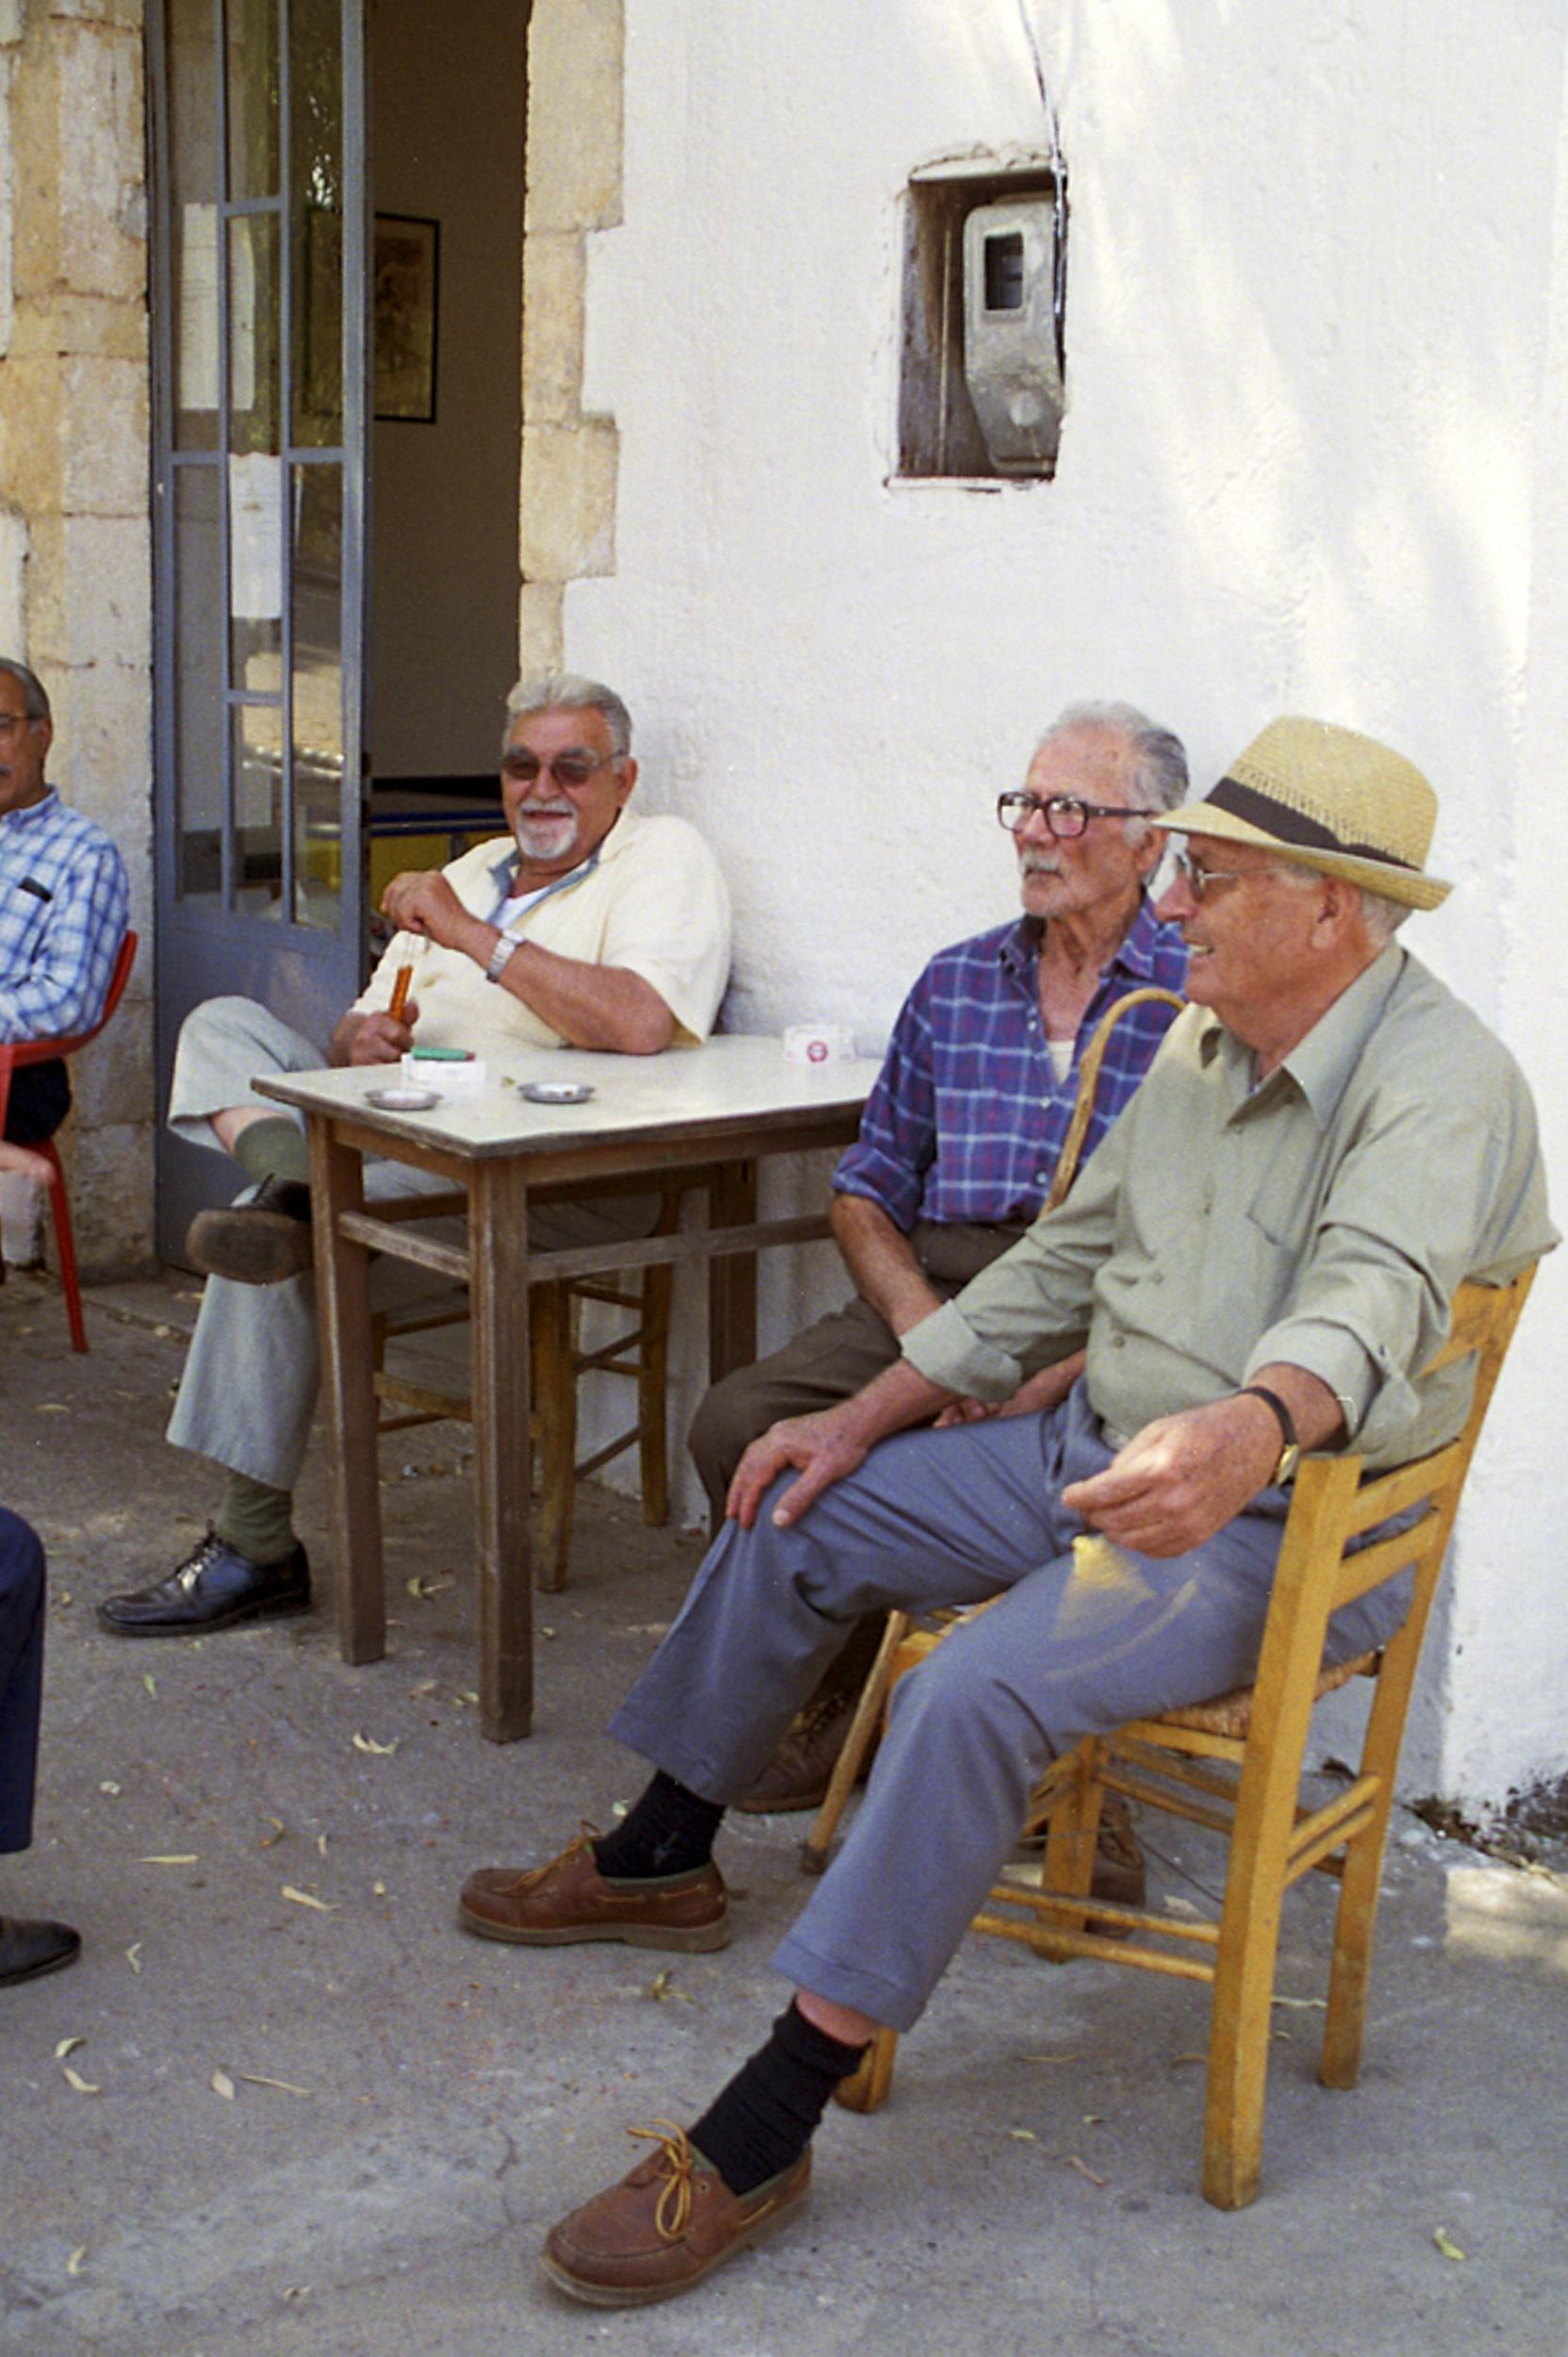 Greece, Crete, local men